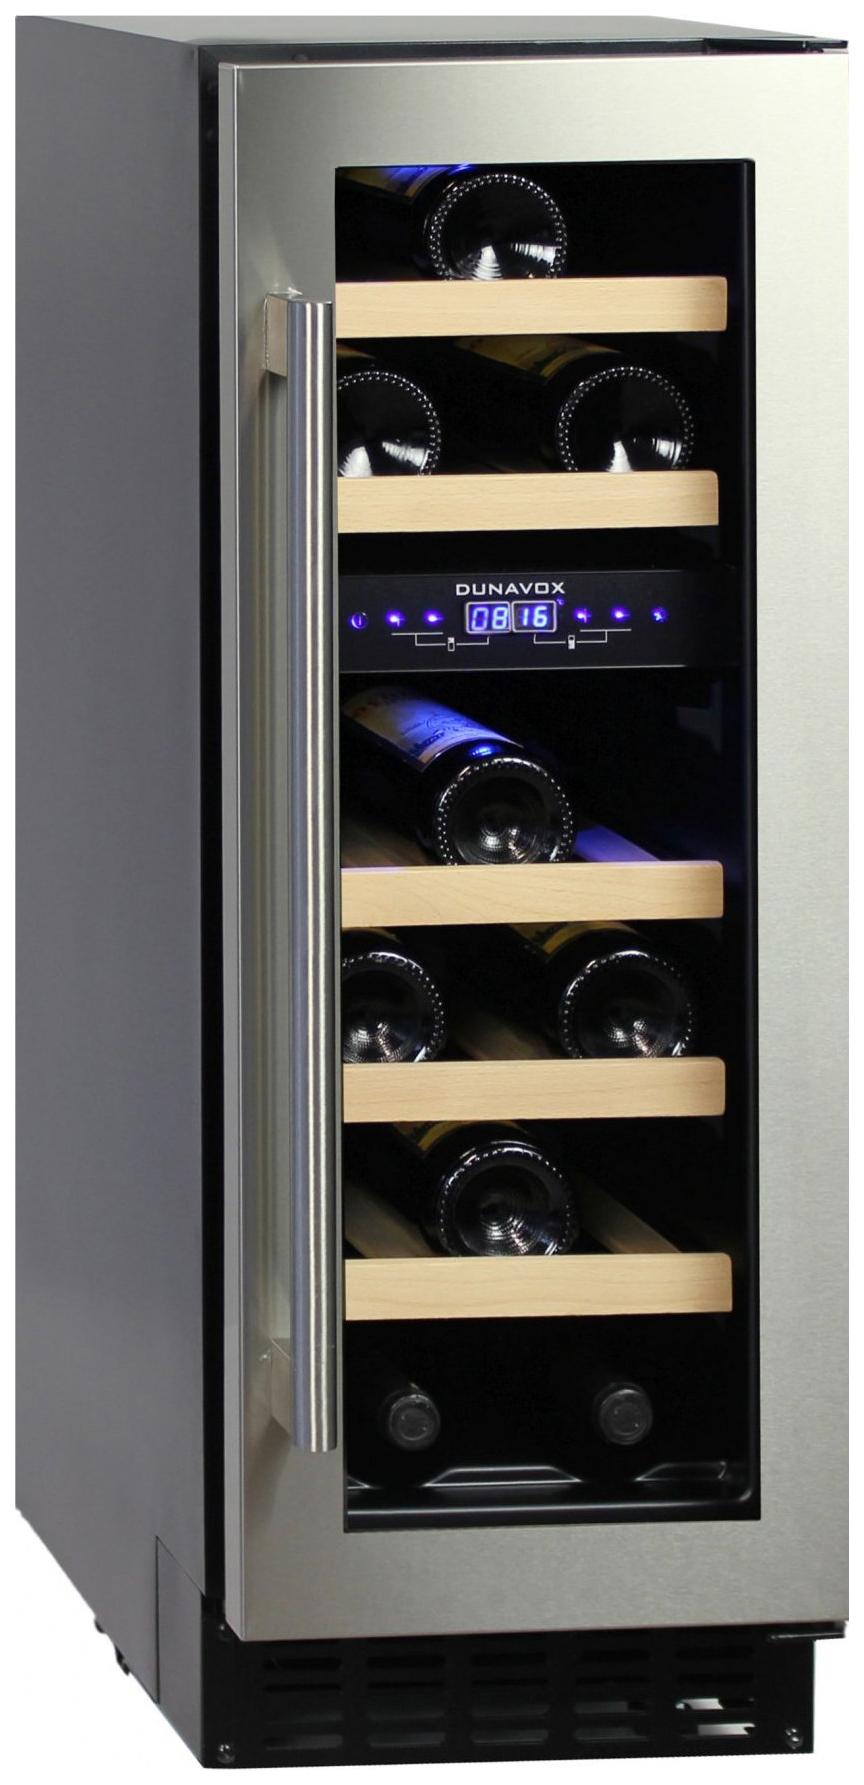 Встраиваемый винный шкаф Dunavox DAU 17.57DSS